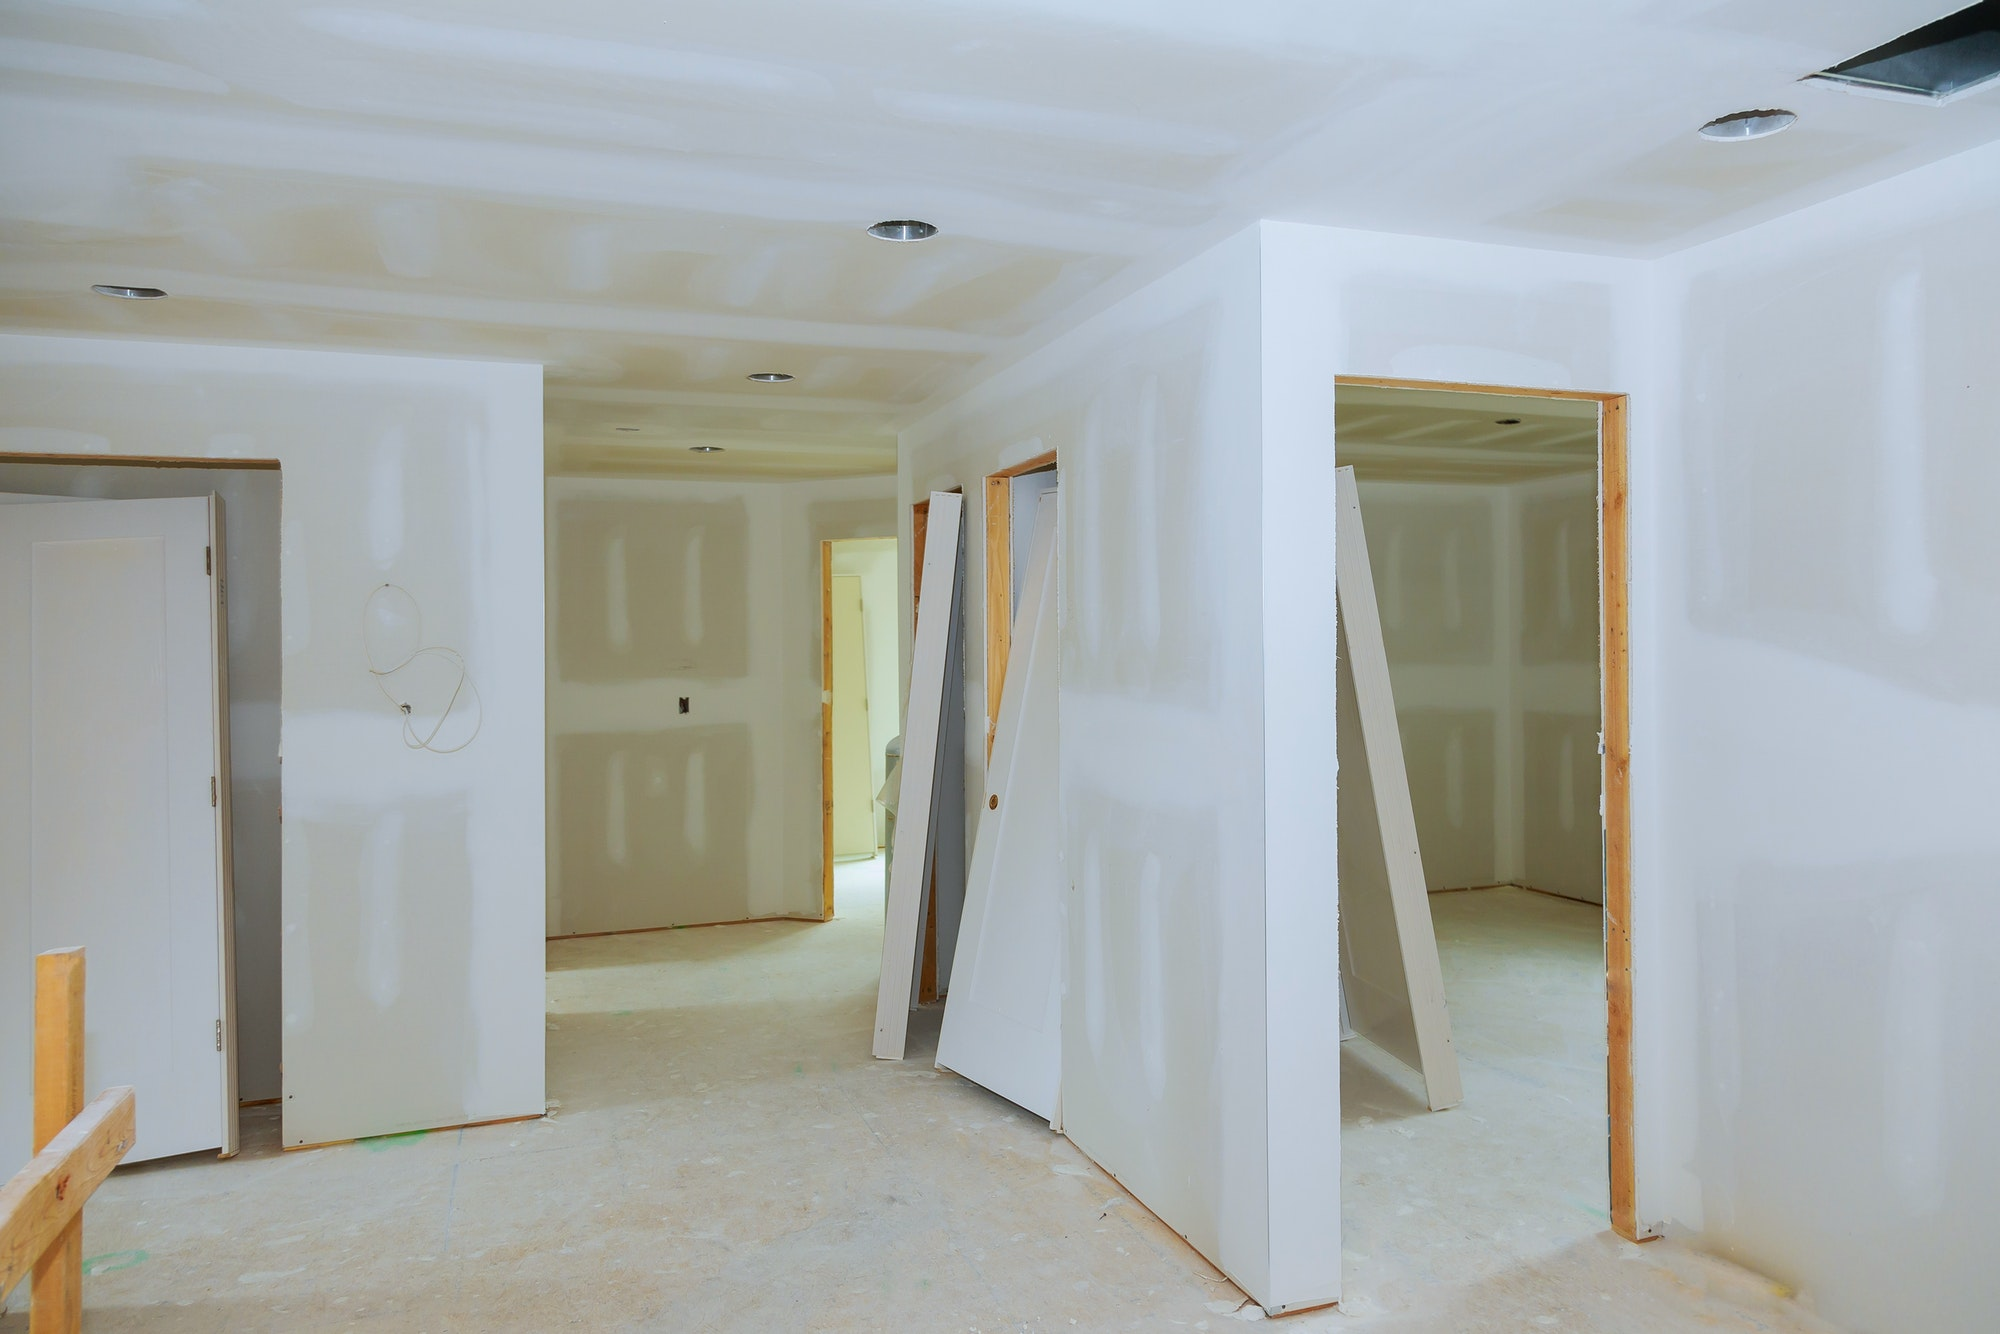 Renovación del hogar de nueva construcción de sala interior con paneles de yeso, pladur